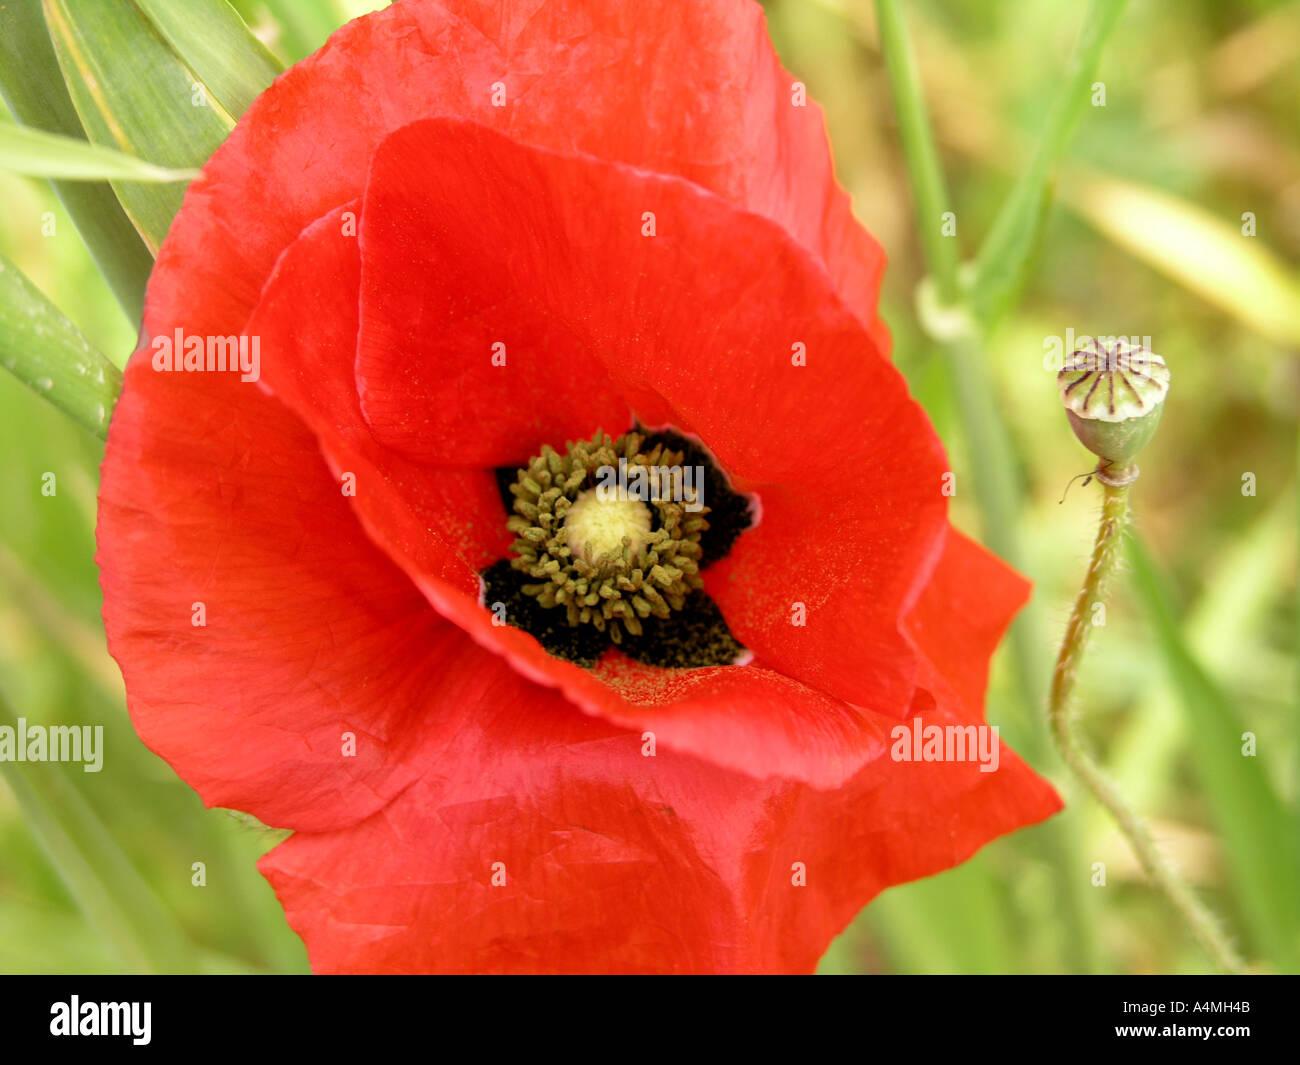 Poppy Latin Name Stock Photos Poppy Latin Name Stock Images Alamy